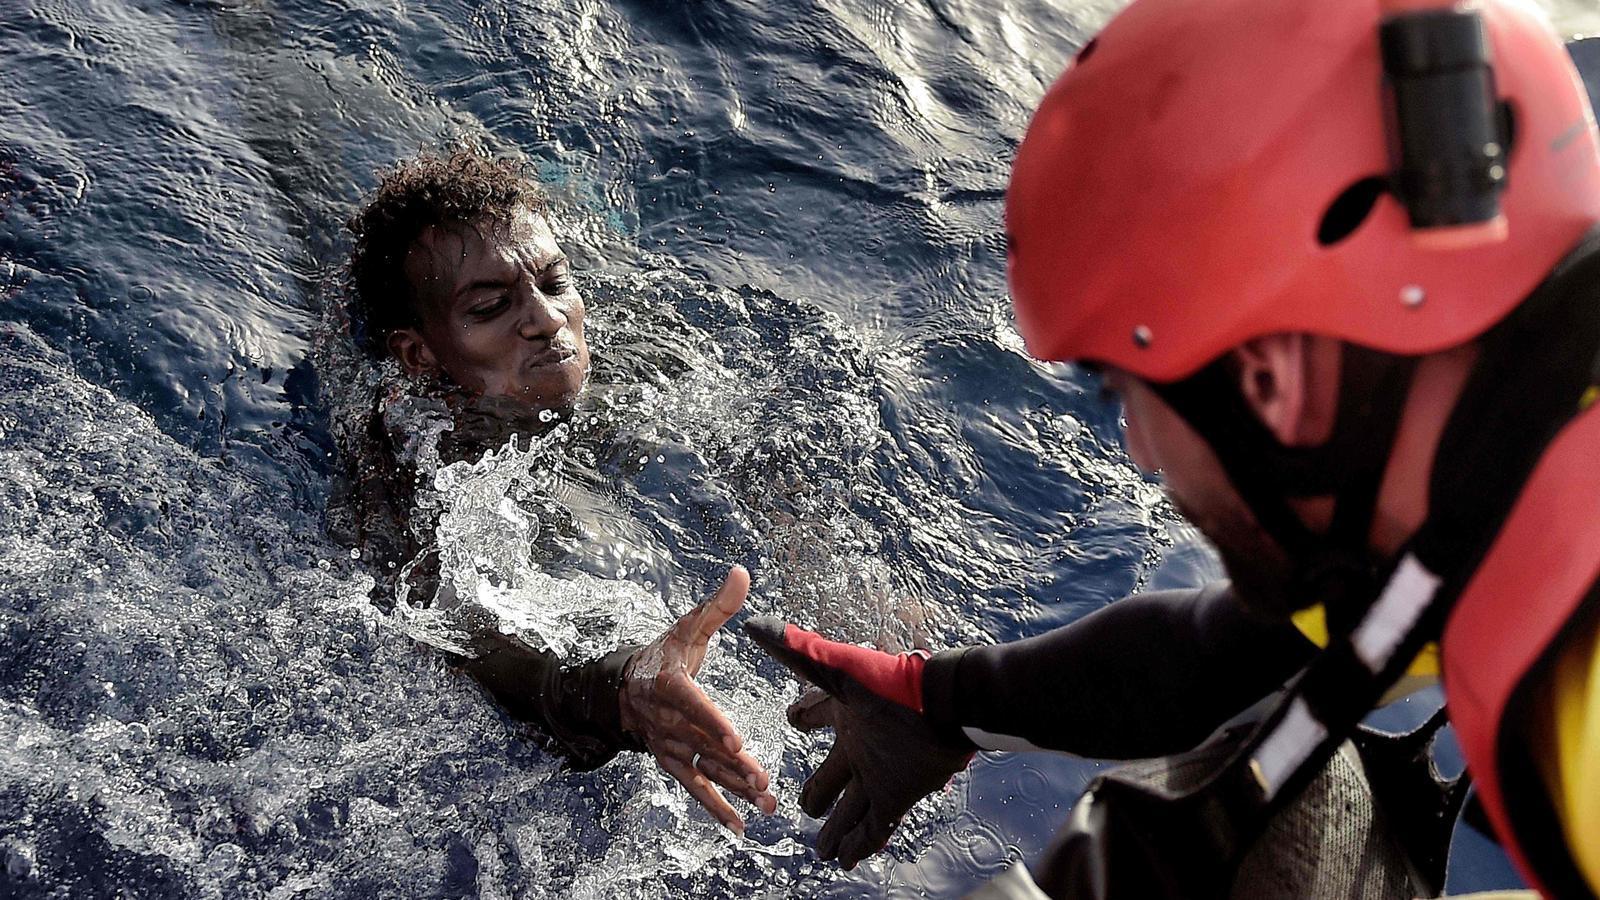 REFUGIADOS-UE II - Página 2 Rescat-extremis-marines-Nord-dAfrica_1662443855_34457166_651x392